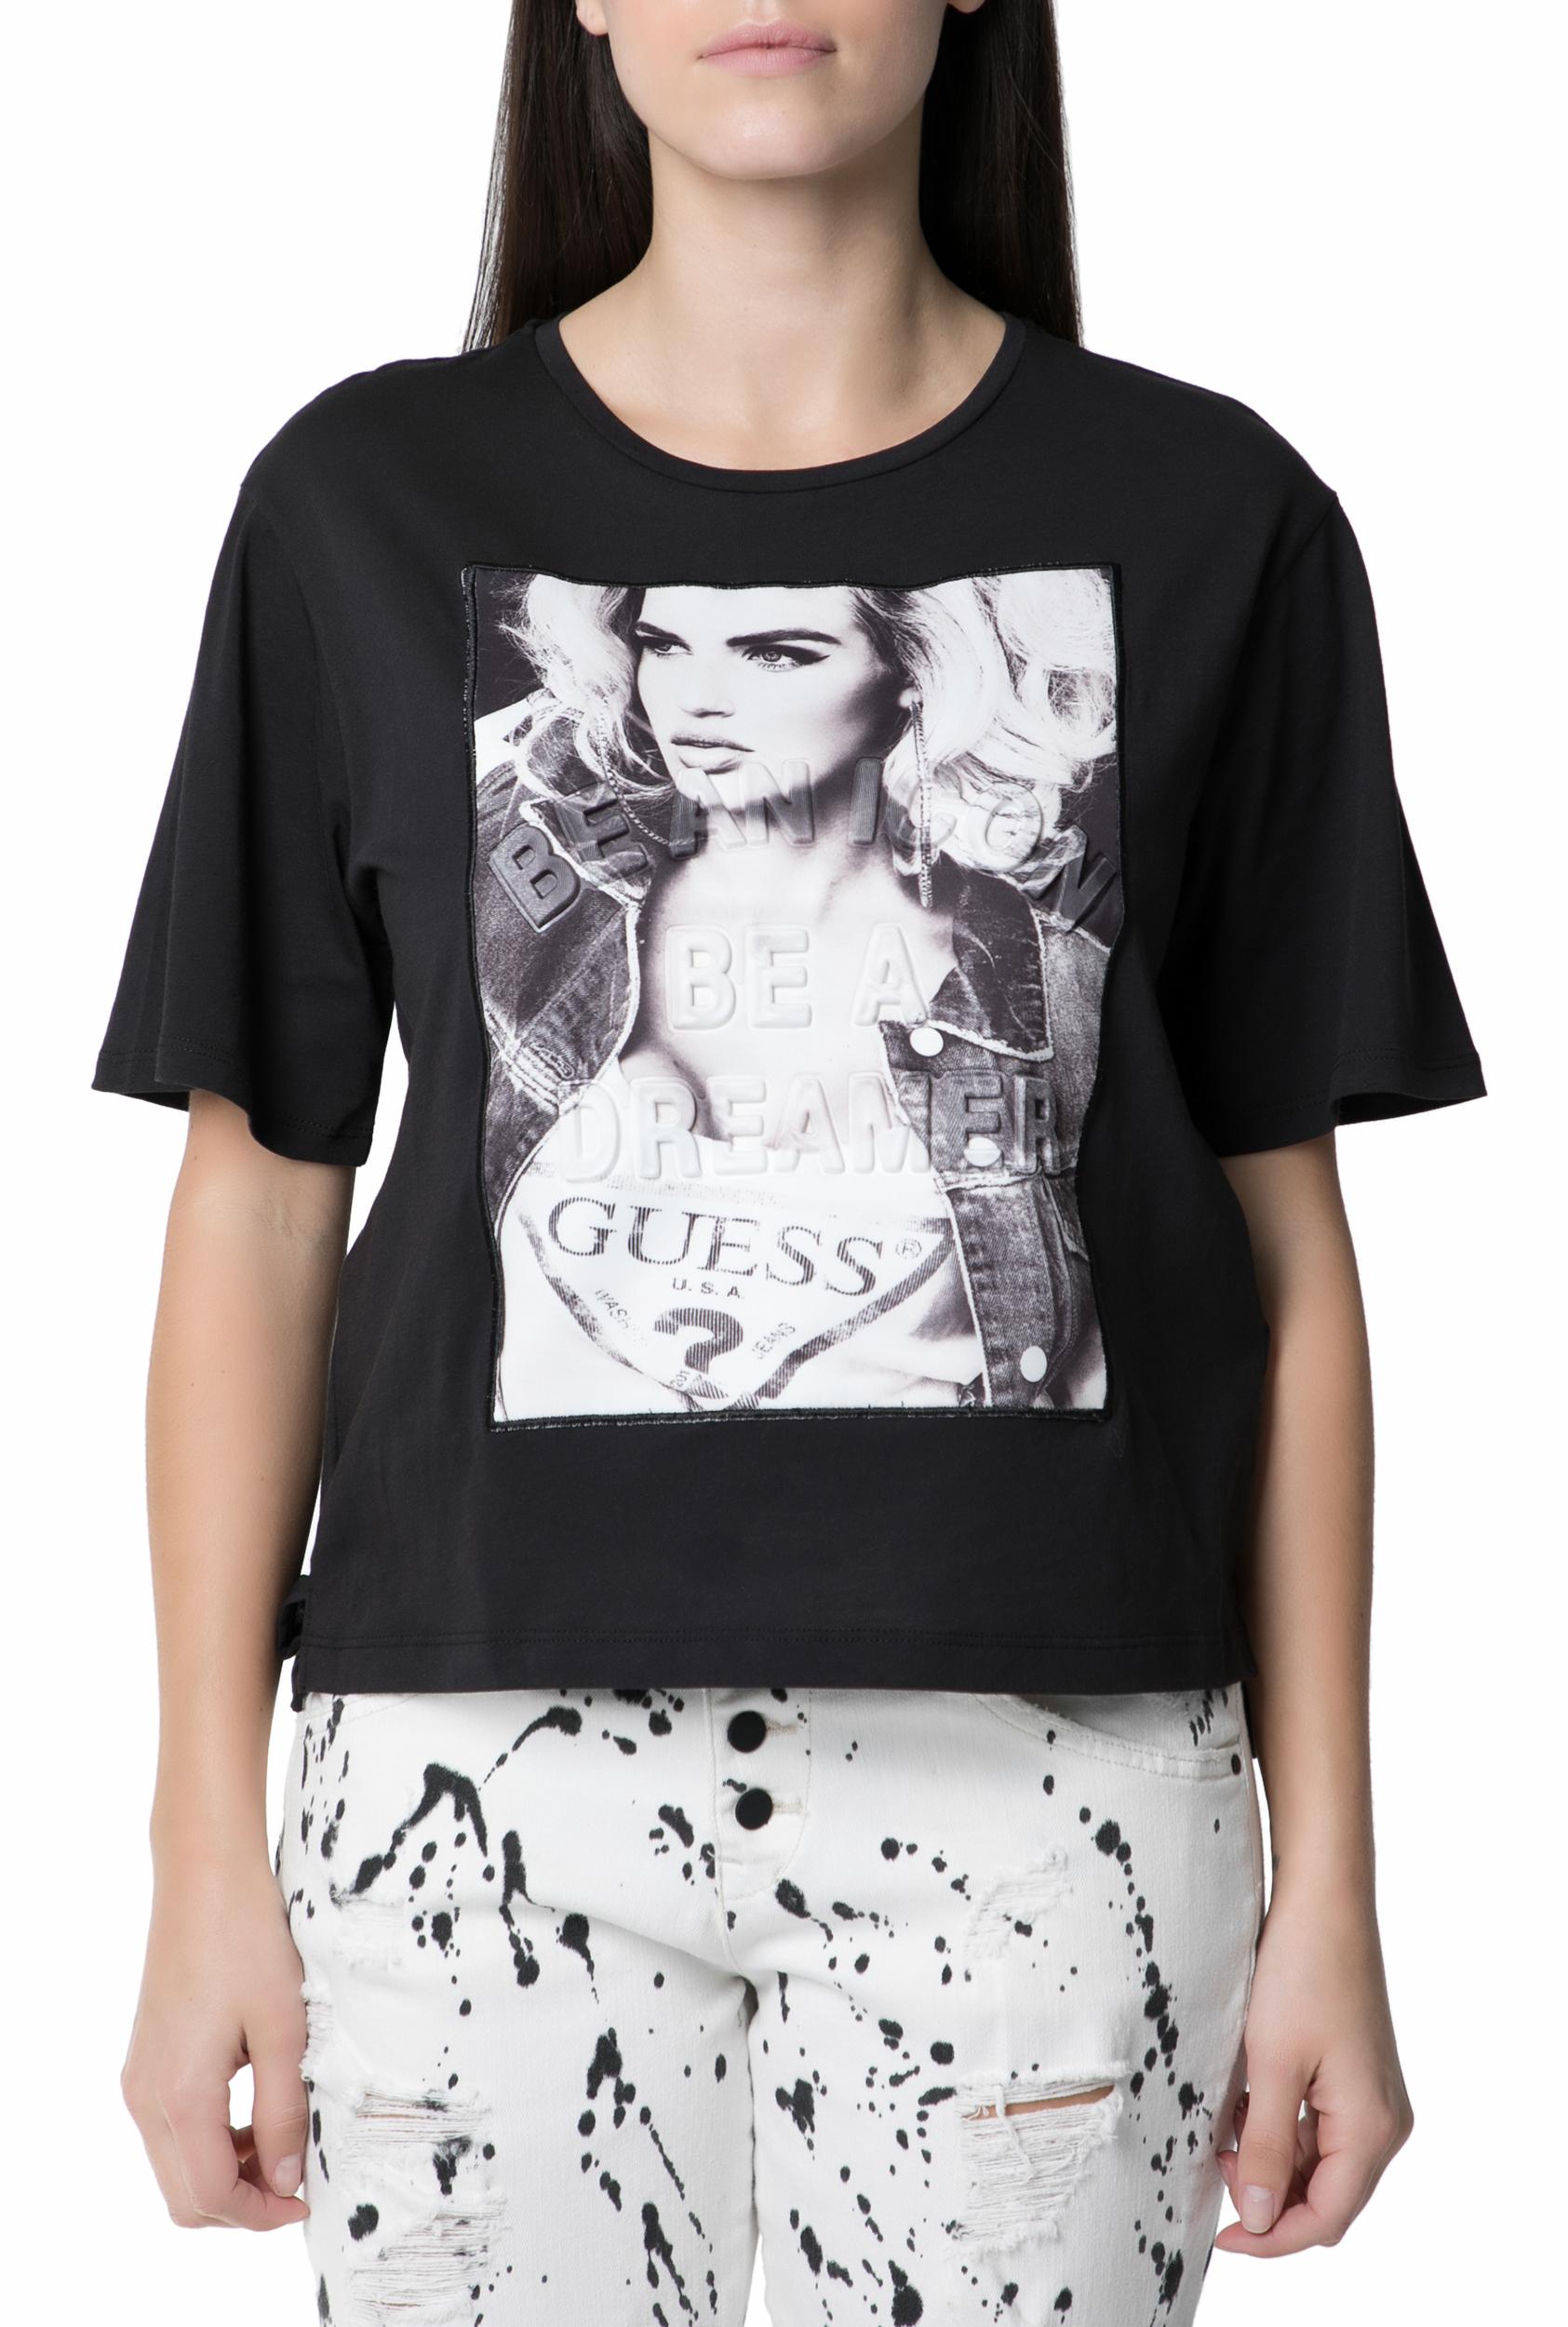 GUESS Γυναικεία κοντομάνικη μπλούζα GUESS μαύρη με στάμπα 6207605 ... e57182efc36